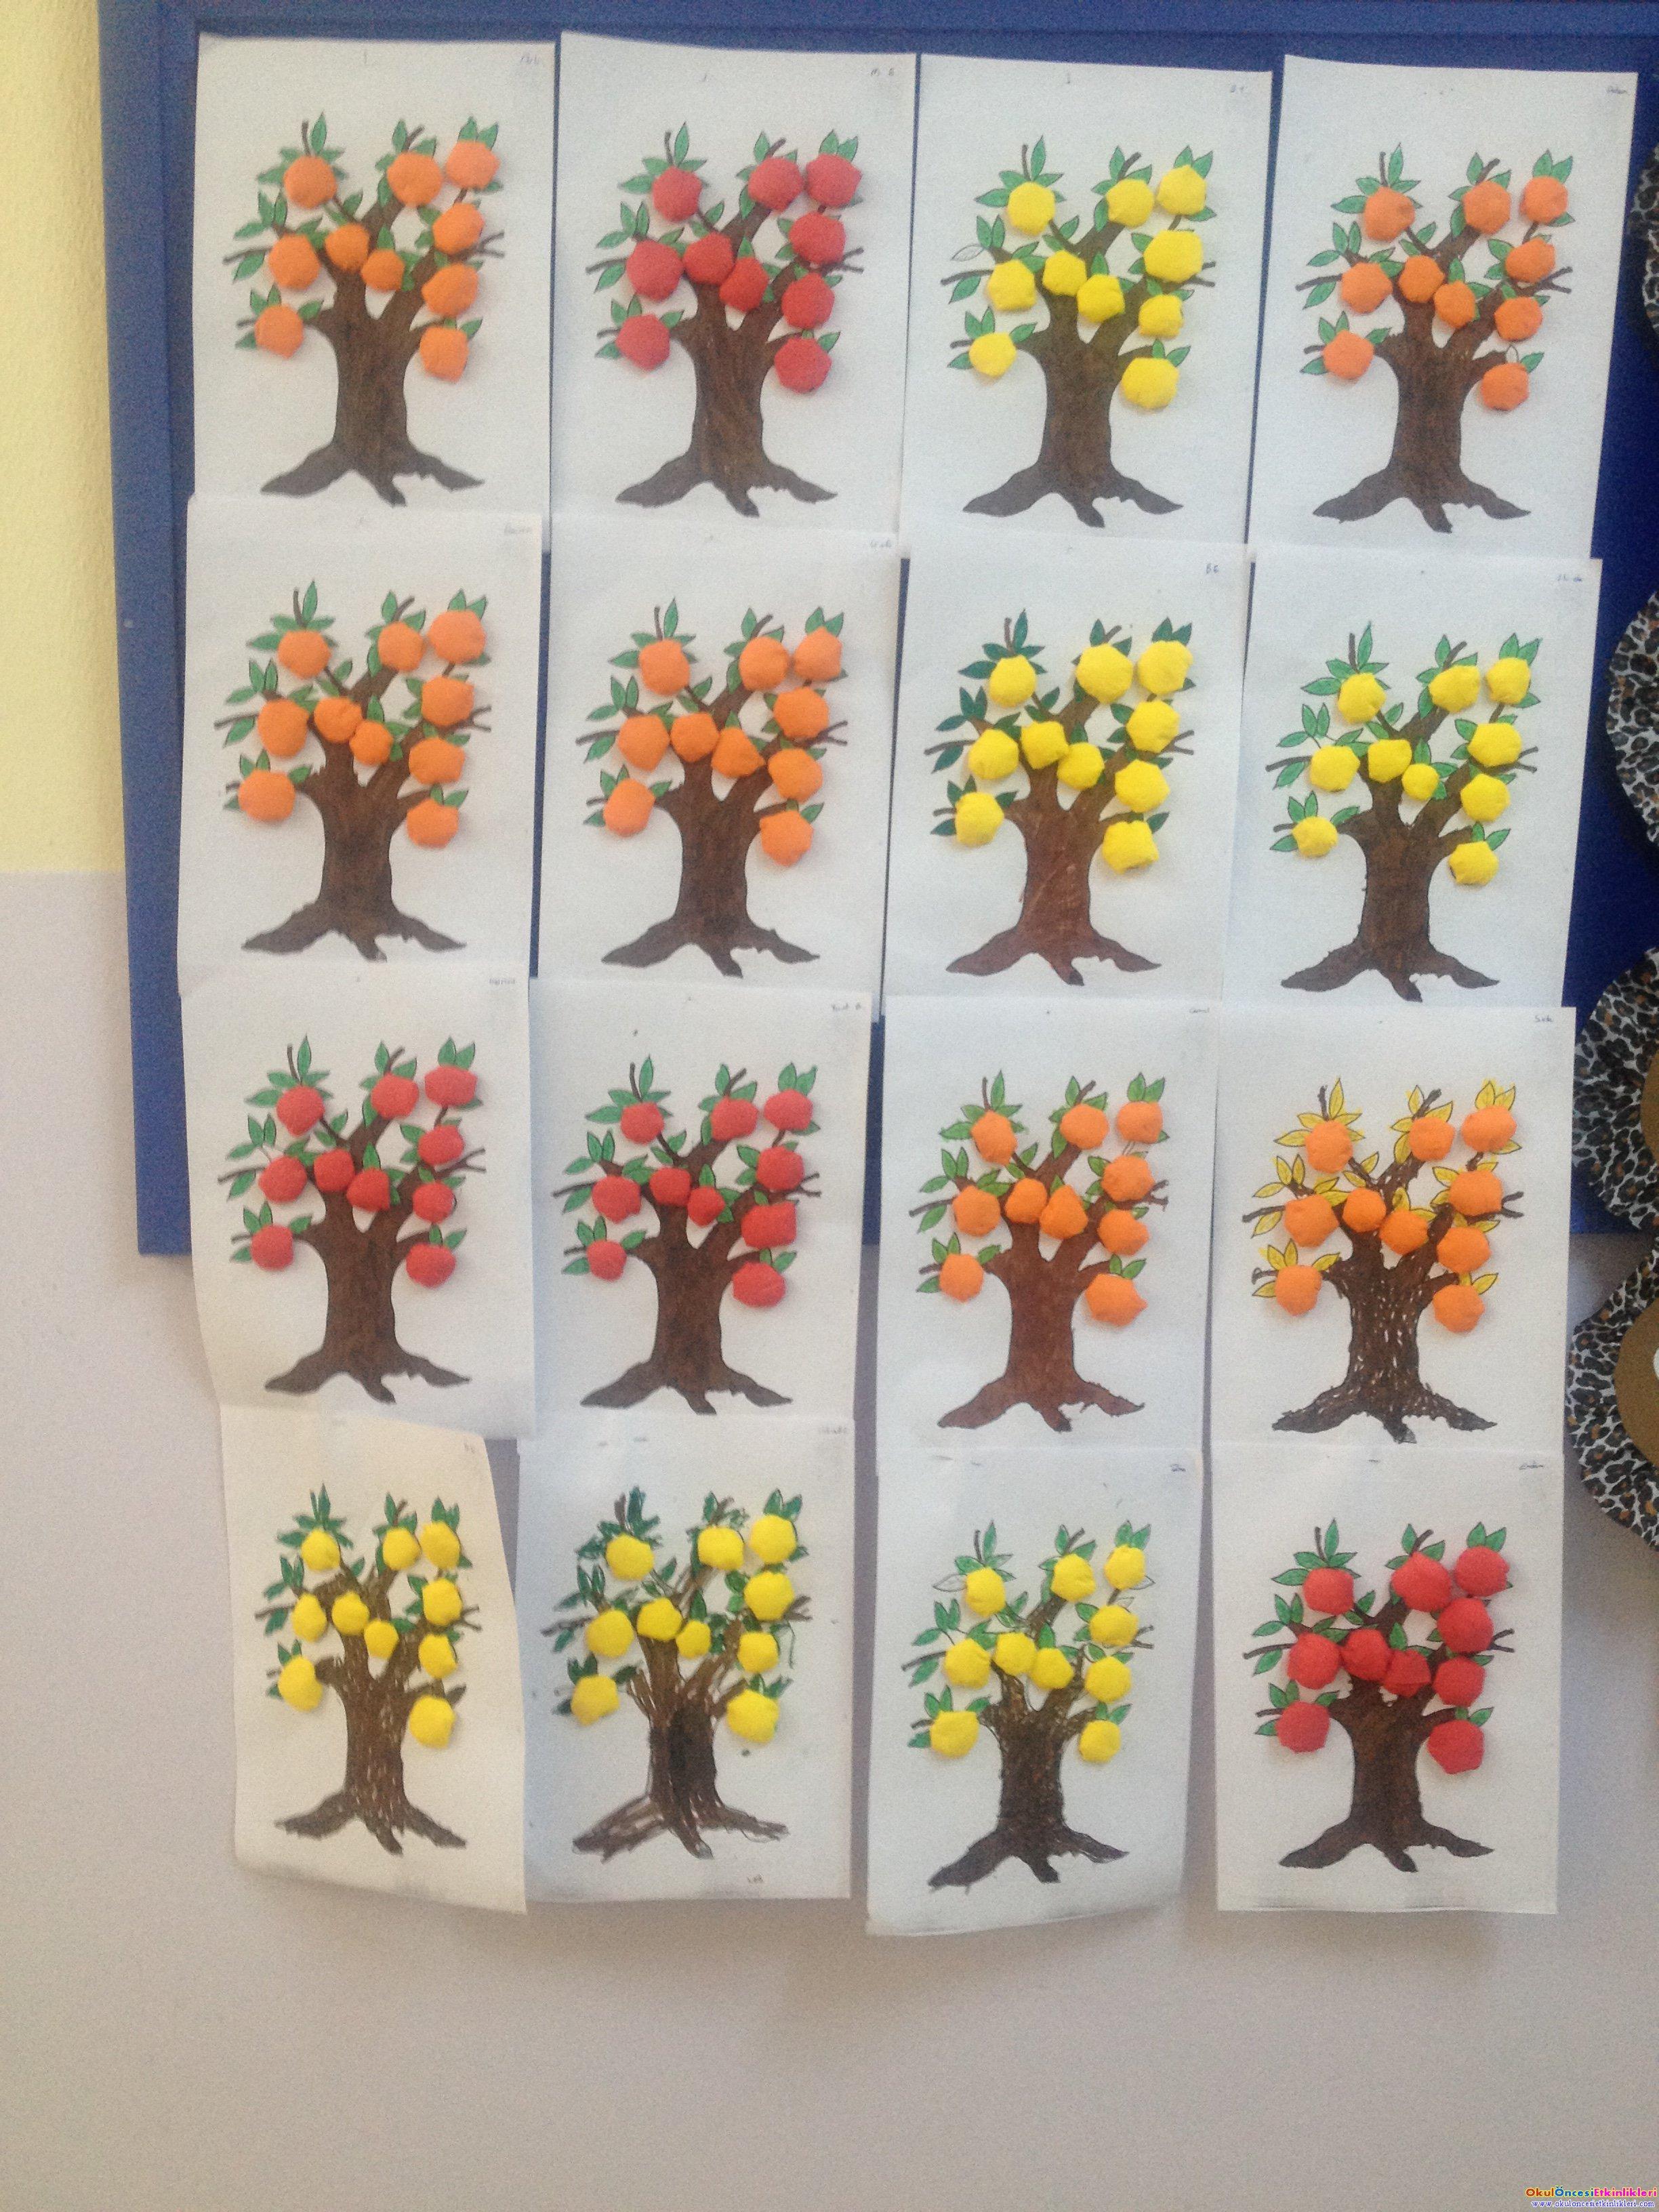 Meyve Ağaçları Sanat Etkinliği Okul öncesi Etkinlikleri